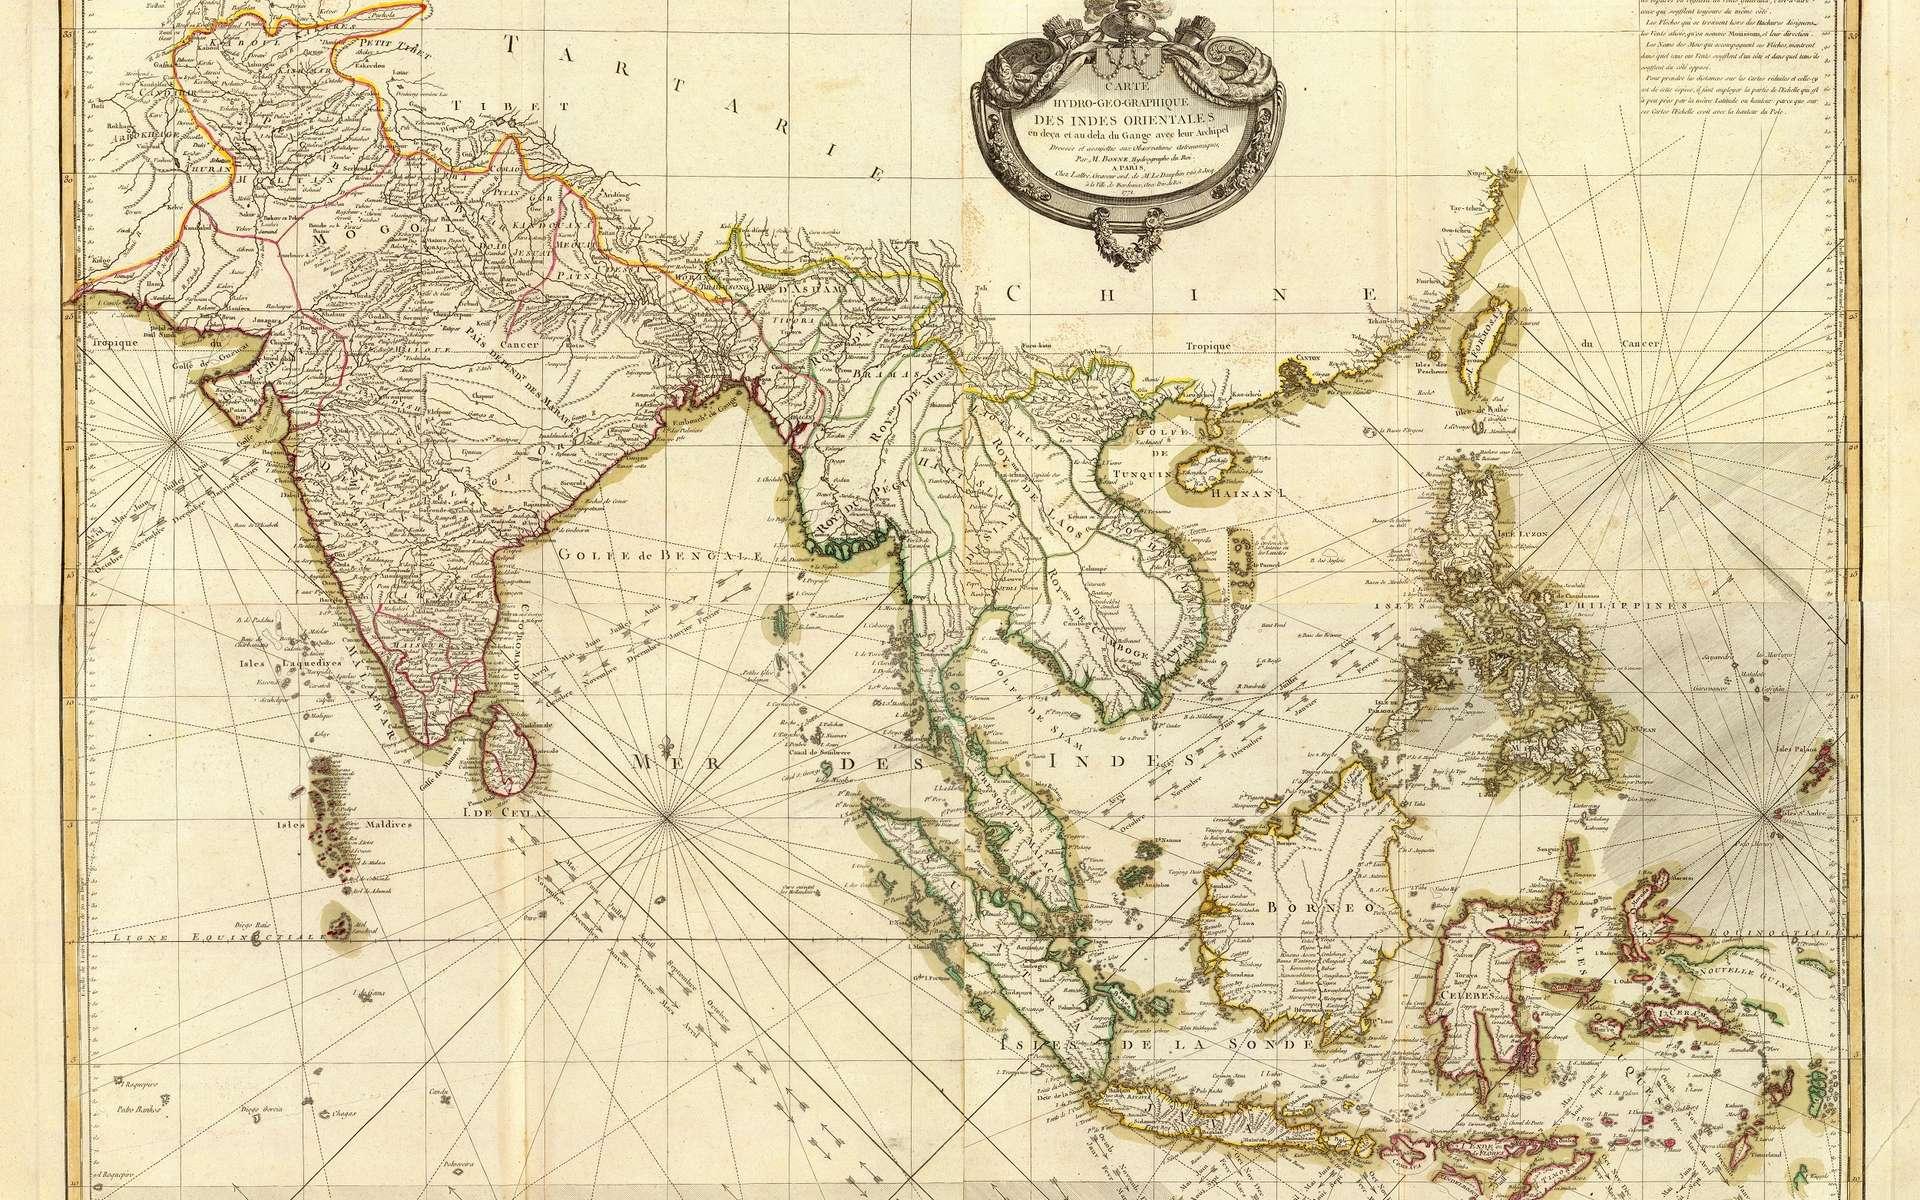 Carte hydro-géographique des Indes orientales (Inde et Asie du sud-est) dressée par le géographe-hydrographe du roi Louis XV et imprimée à Paris en 1771. © Wikimedia Commons, domaine public